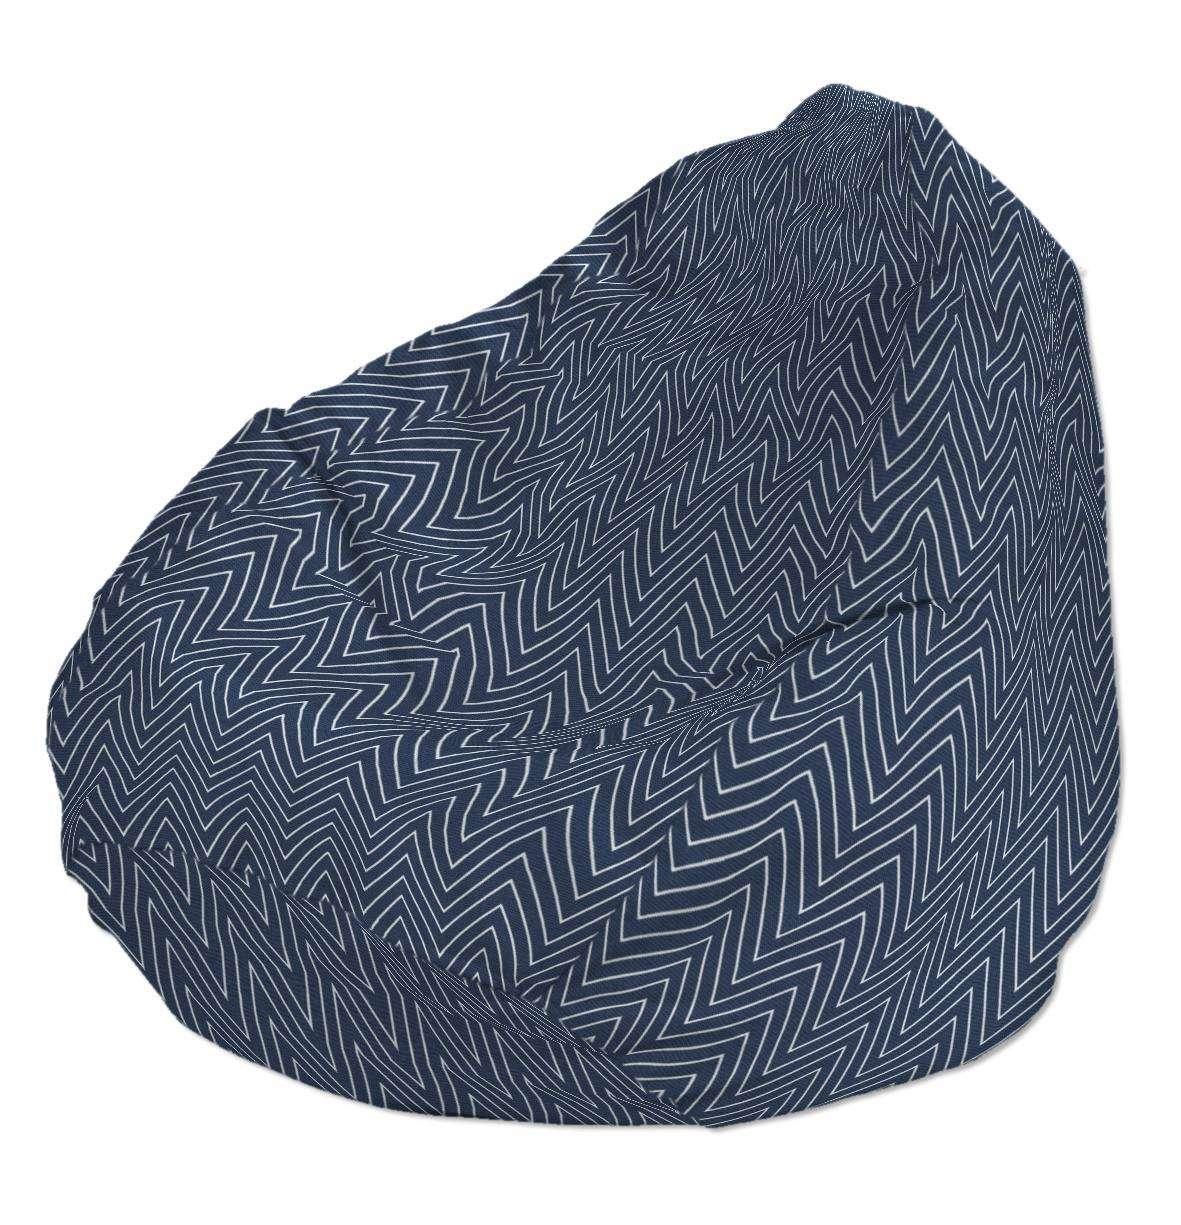 Pokrowiec na worek do siedzenia pokrowiec Ø50x85cm w kolekcji Brooklyn, tkanina: 137-88